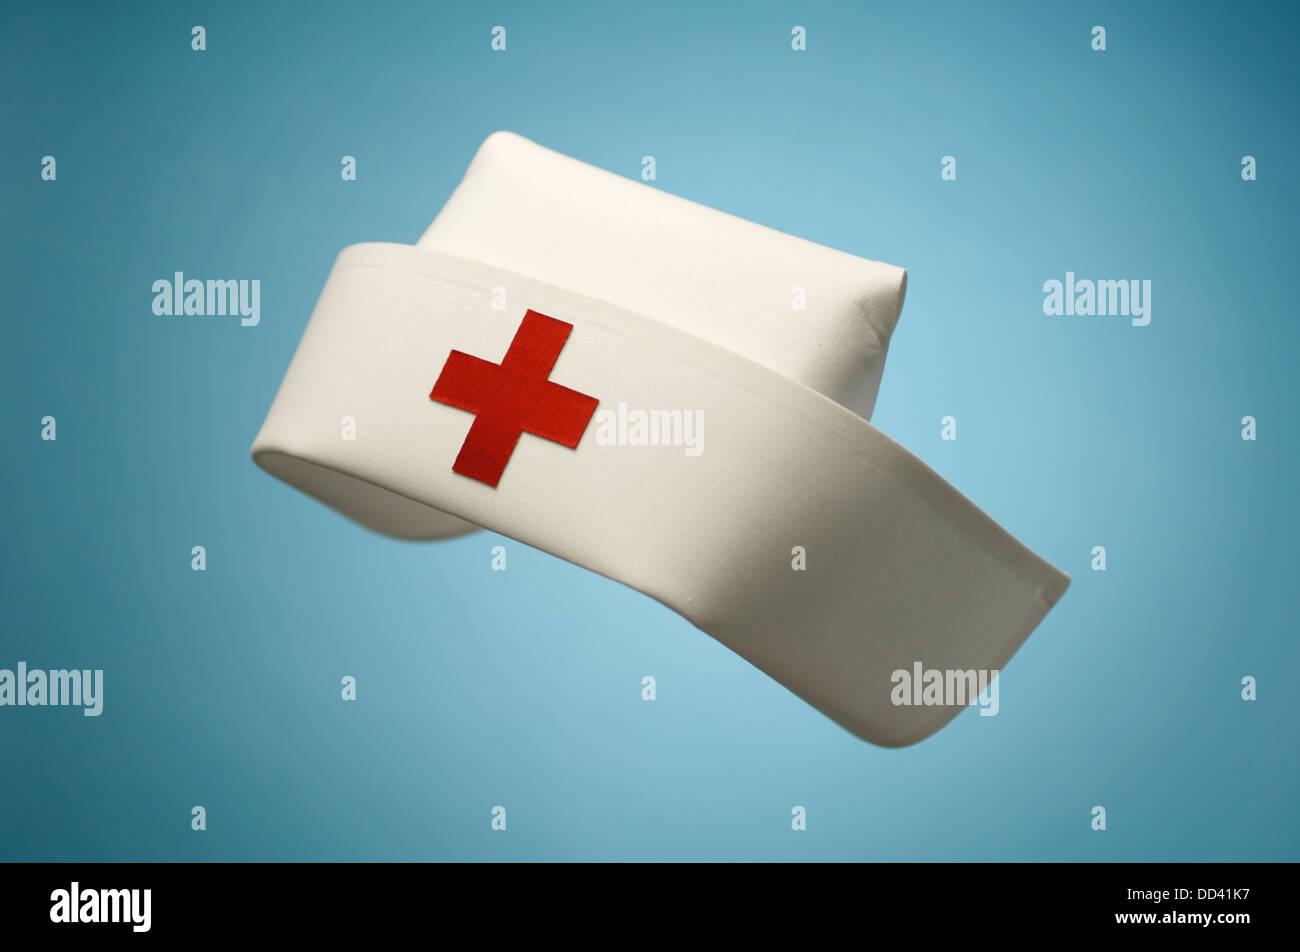 Une infirmière de l'hôpital hat flottant sur un fond bleu. Photo Stock